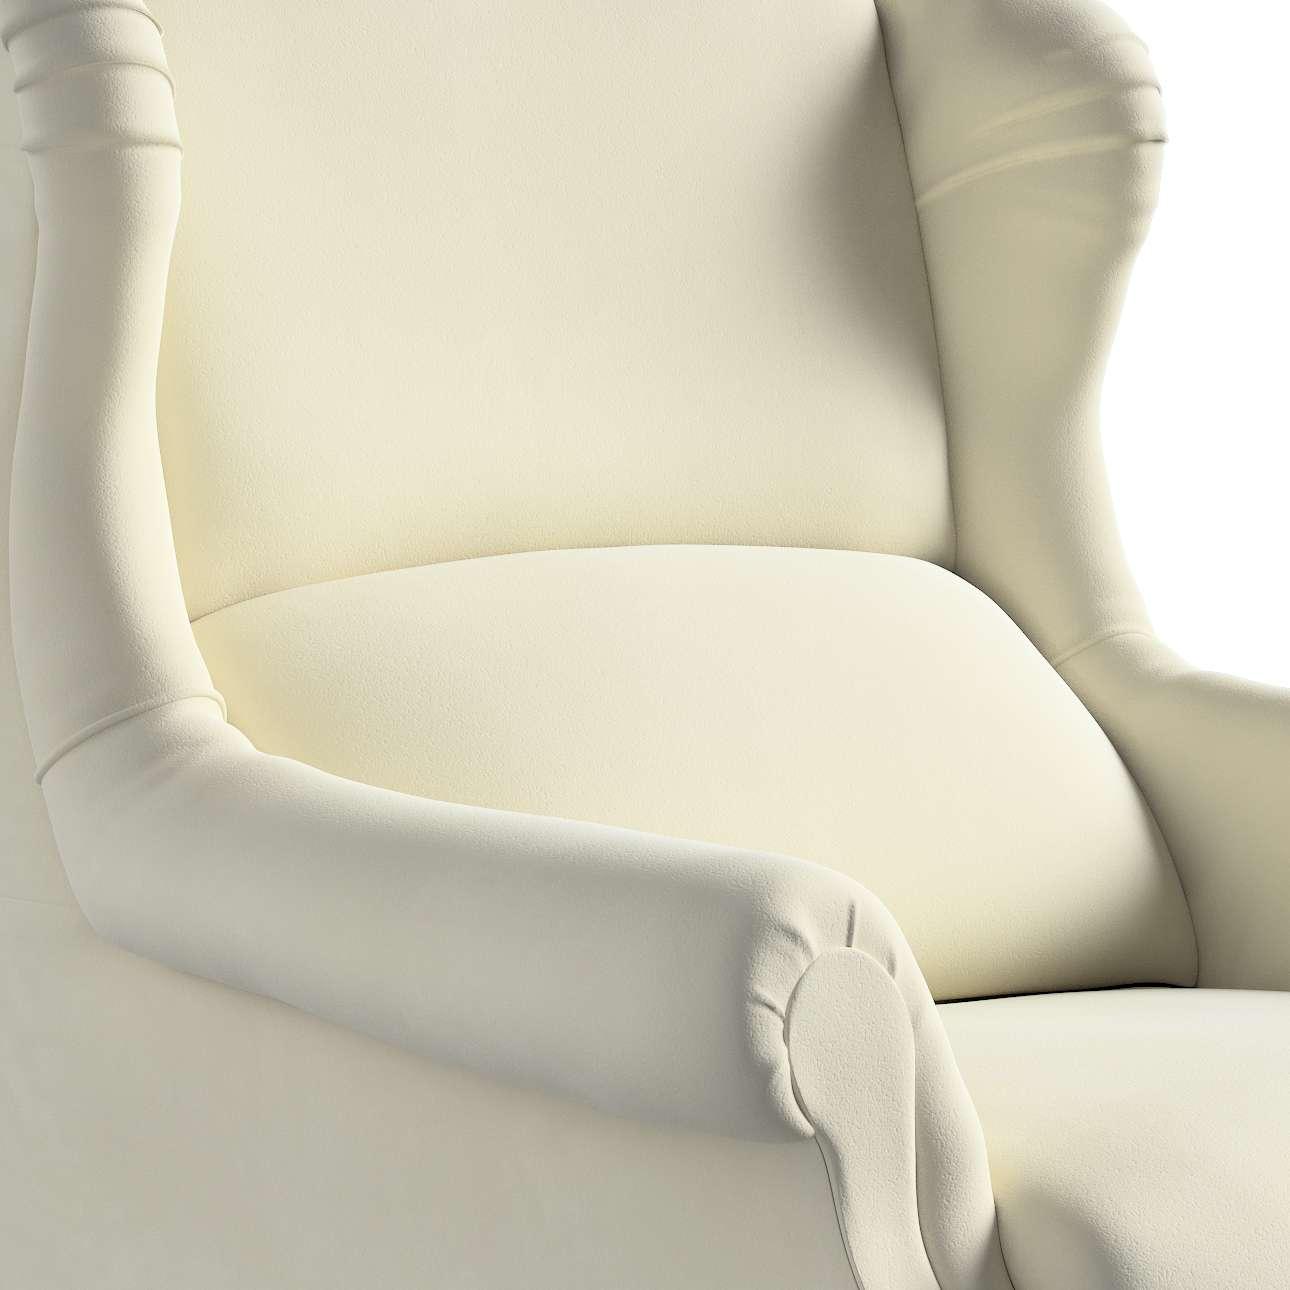 Fotel Unique w kolekcji Velvet, tkanina: 704-10